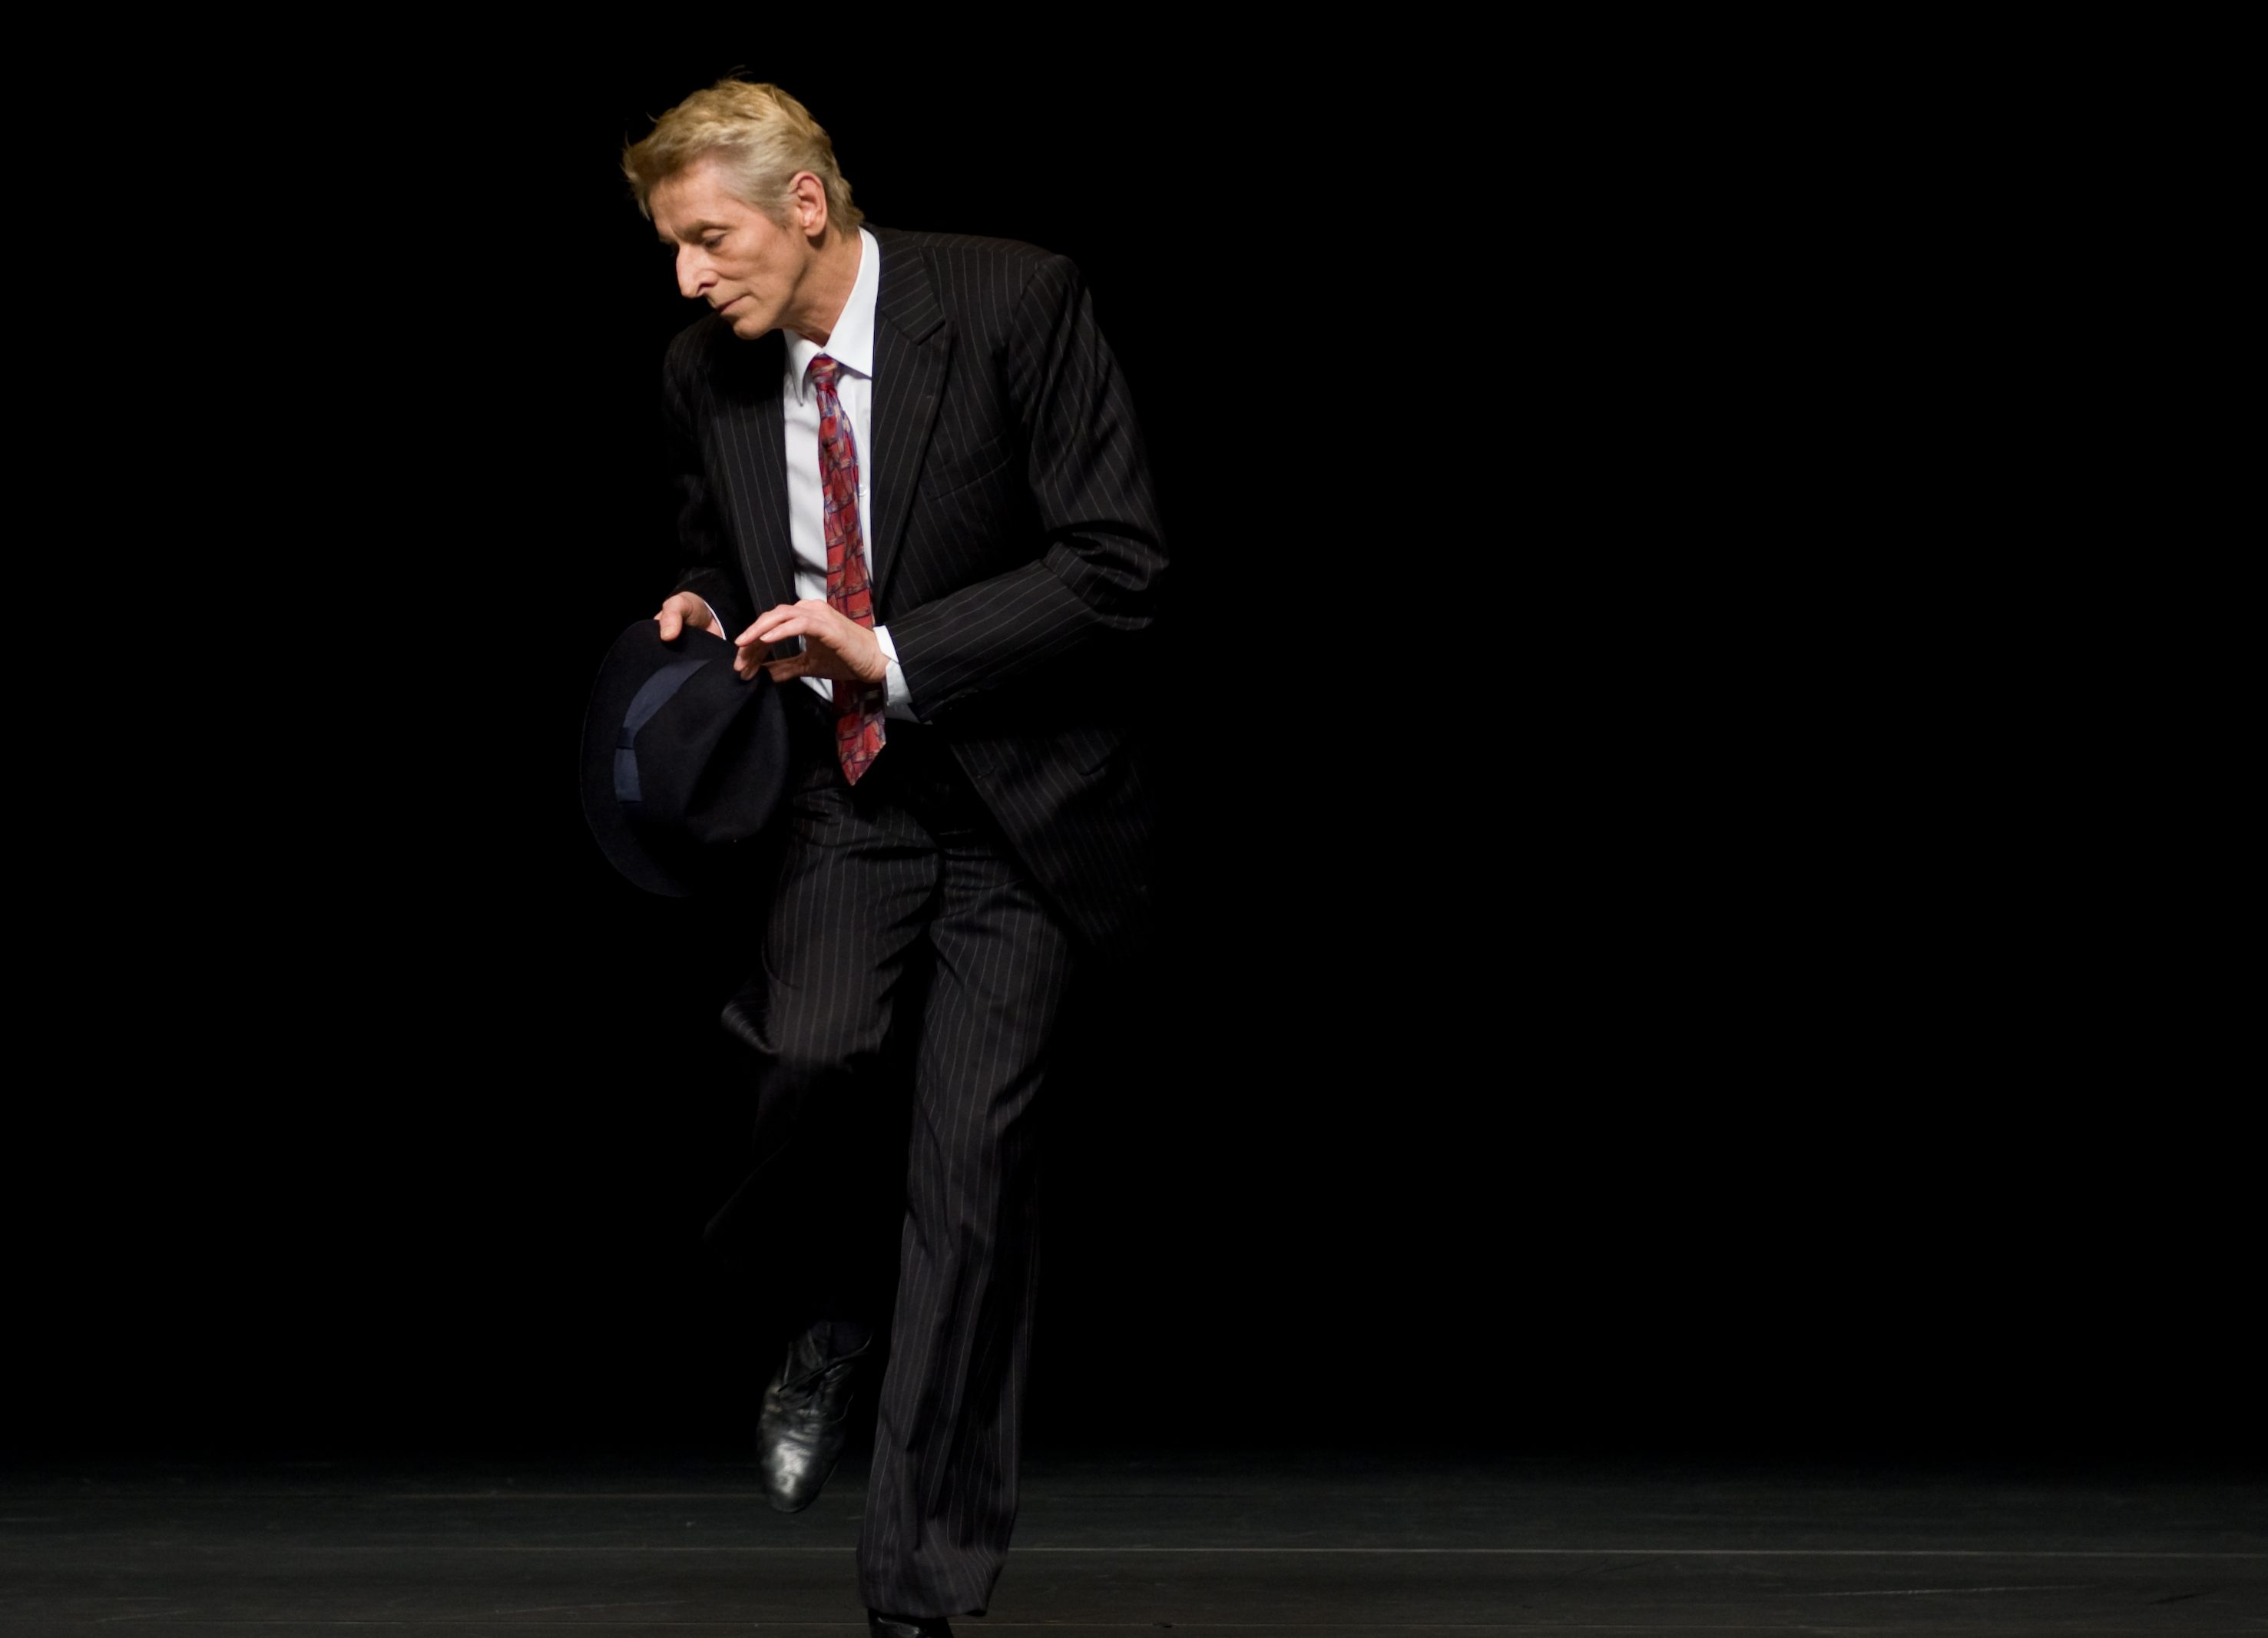 El bailarín alemán Lutz Förster abre el Festival Veracruz Escena Contemporánea